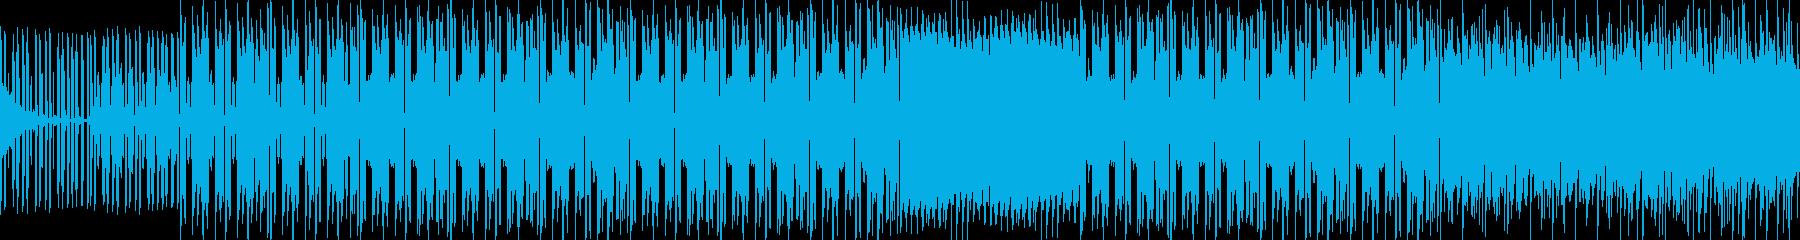 緊迫した雰囲気のインスト曲の再生済みの波形